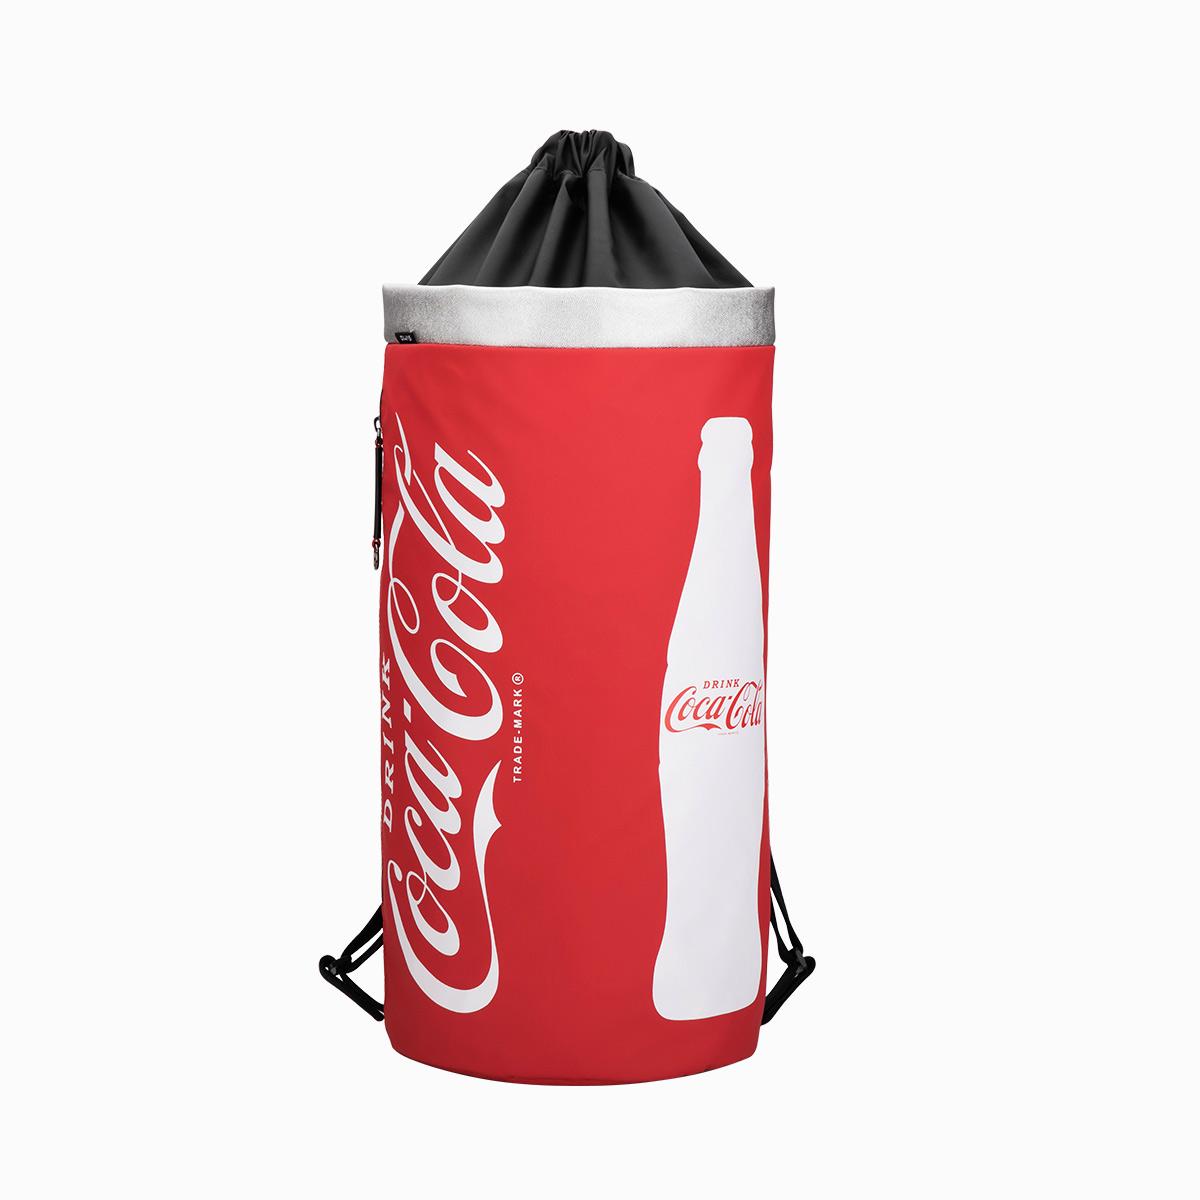 爱华仕可口可乐联名抽带水桶背包男